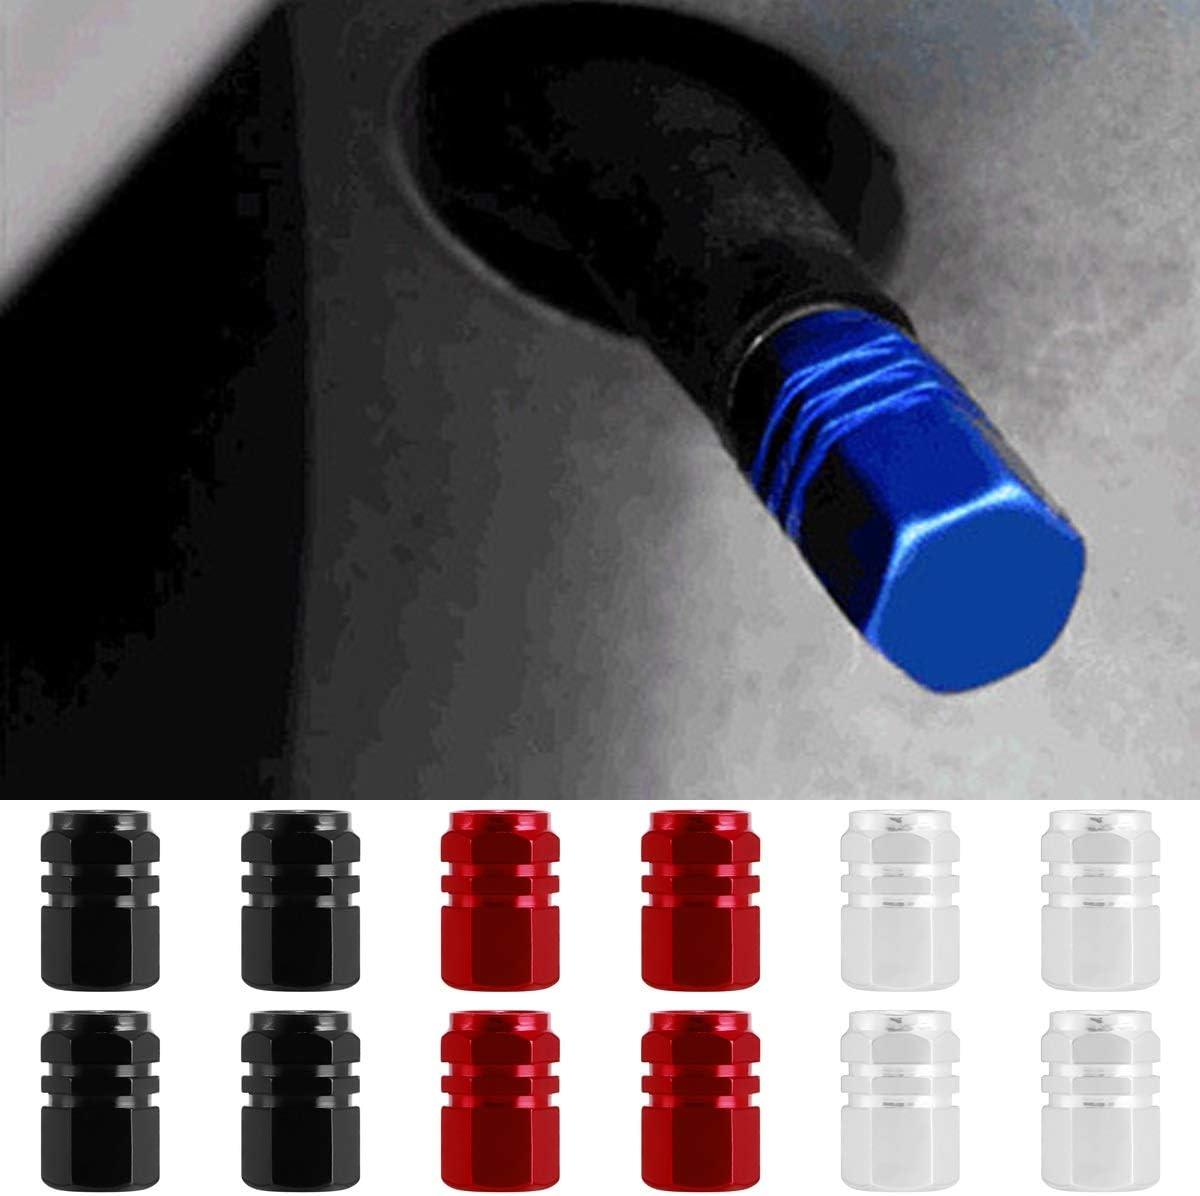 Dibiao 4 pz//pacco tappi stelo valvola della valvola universale in lega di alluminio car valvola antipolvere tappi pneumatici accessori per auto SUV camion Color : Blu